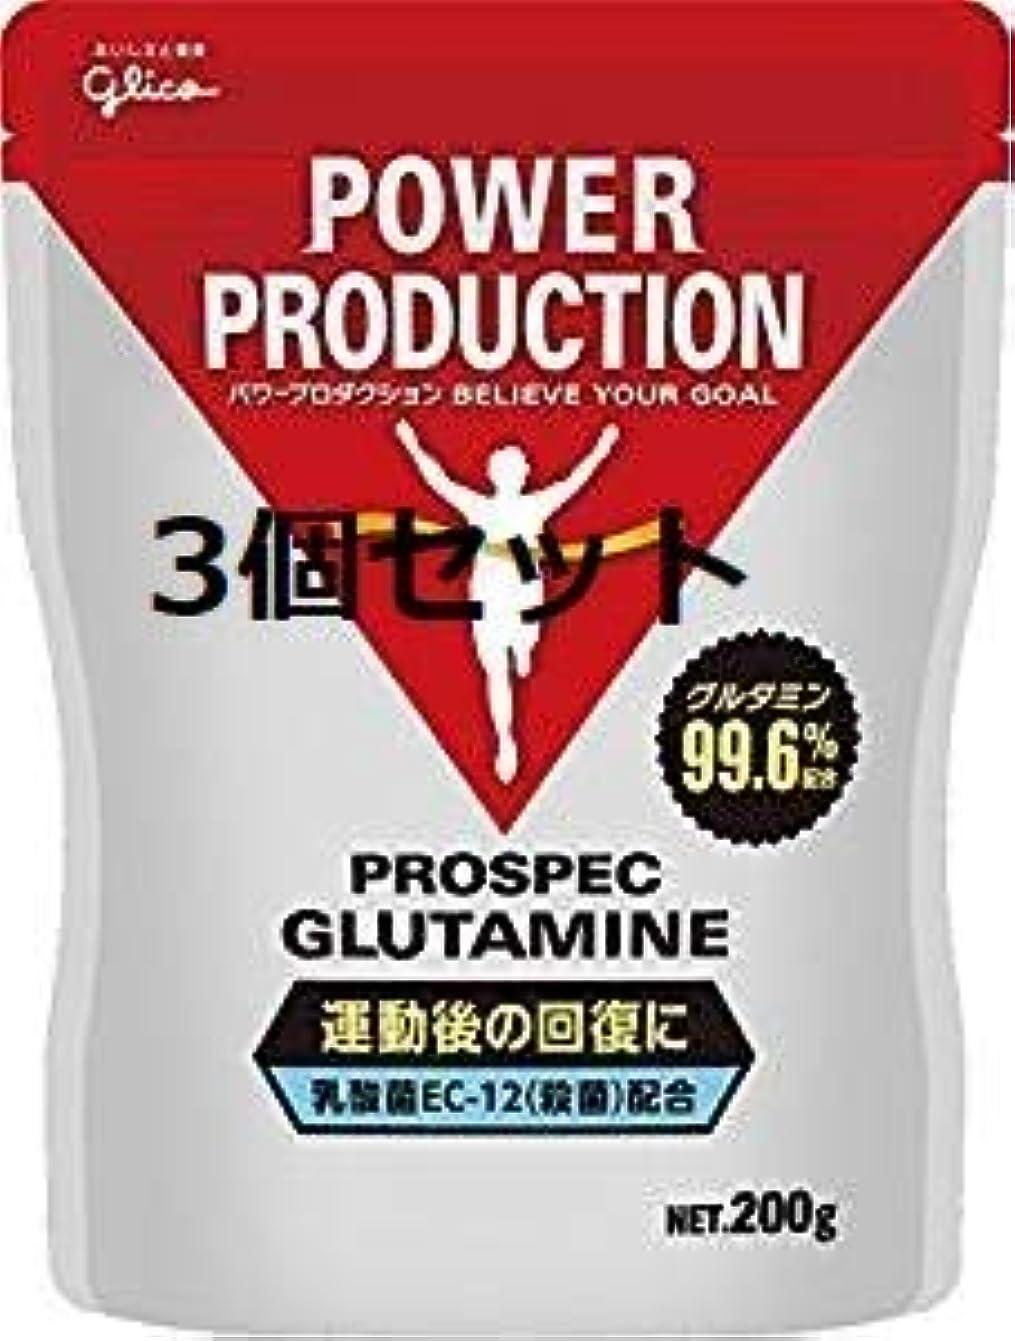 動かない刺激する失われた【3個セット】グリコ アミノ酸プロスペックグルタミンパウダー PROSUPEC GLUTAMINE 200g Glico